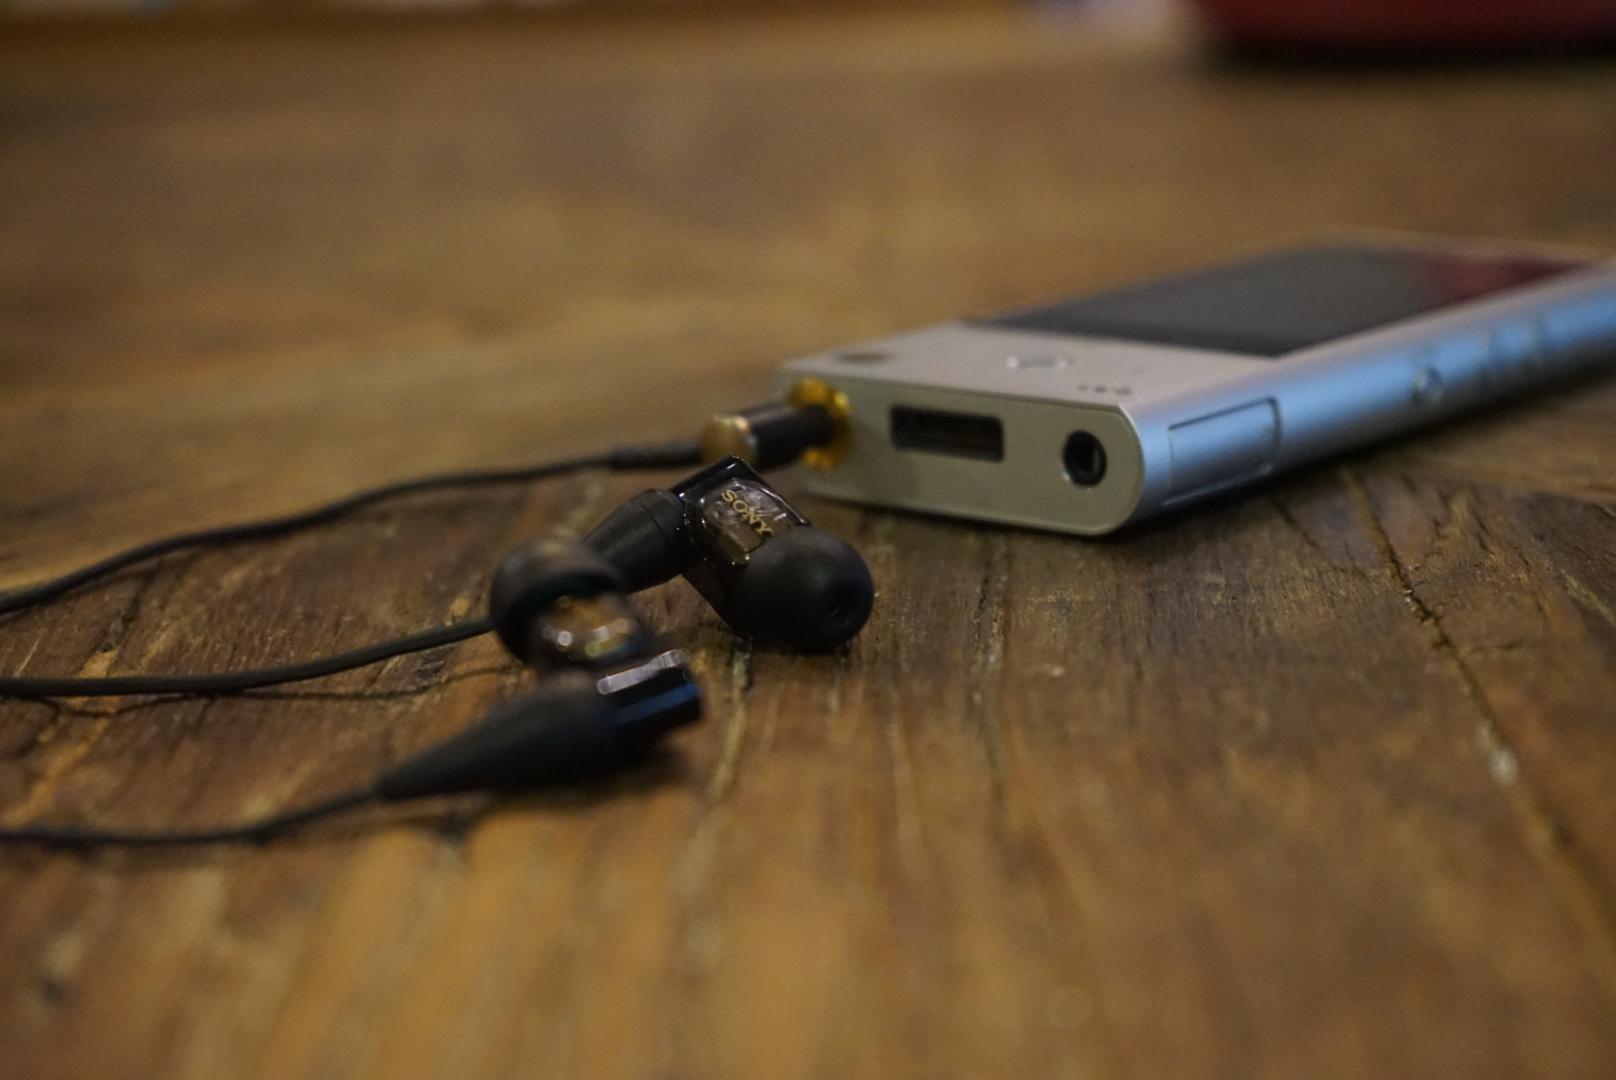 除了硬升Hi-Res音质这一招外,与ZX100适配的各种降噪耳机确保你可以在极其复杂的环境中得到高还原度的音乐。若你的选择是无线输出,SONY的LDAC高音质无线传输技术,也能保证蓝牙传输无损音质,并且3倍数据传输量无任何传输滞后的情况。  其他技术还包括支持播放DSD64(2.8224MHz/1bit)、DSD128(5.6448MHz/1bit)等级的高解析度音频,还有ClearAudio+(醇音技术+)和S-Master HX、Clear Bass、Equalizer、VPT(surround)和Dynamic Normalizer等。